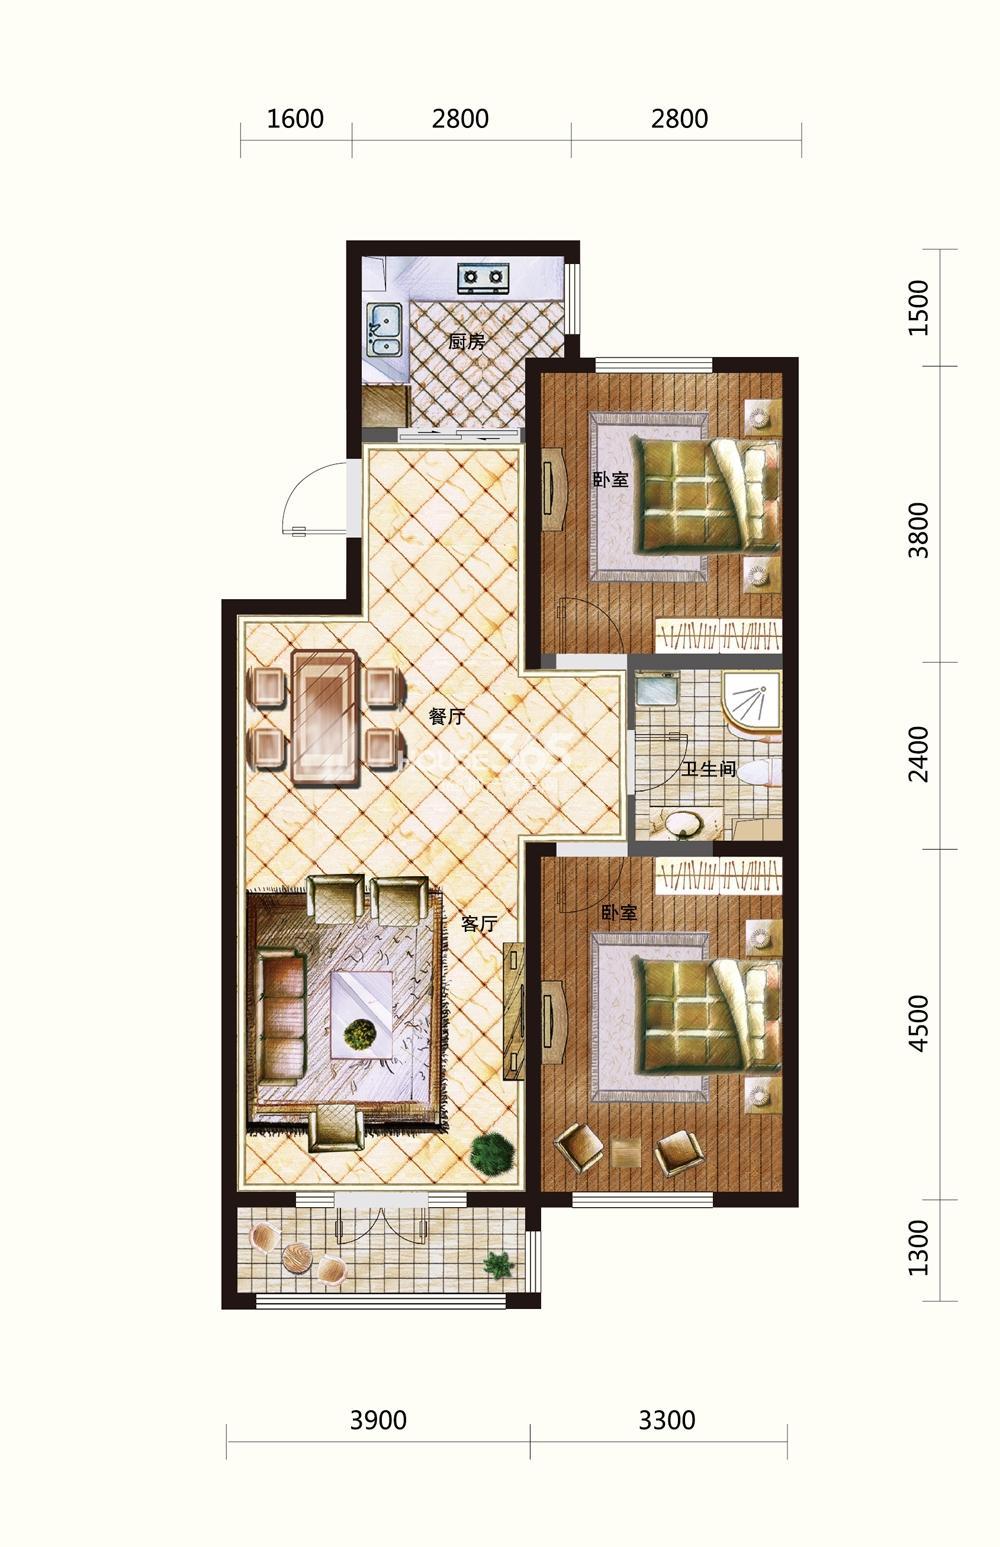 五矿紫晶御府两室两厅一卫111-113平米